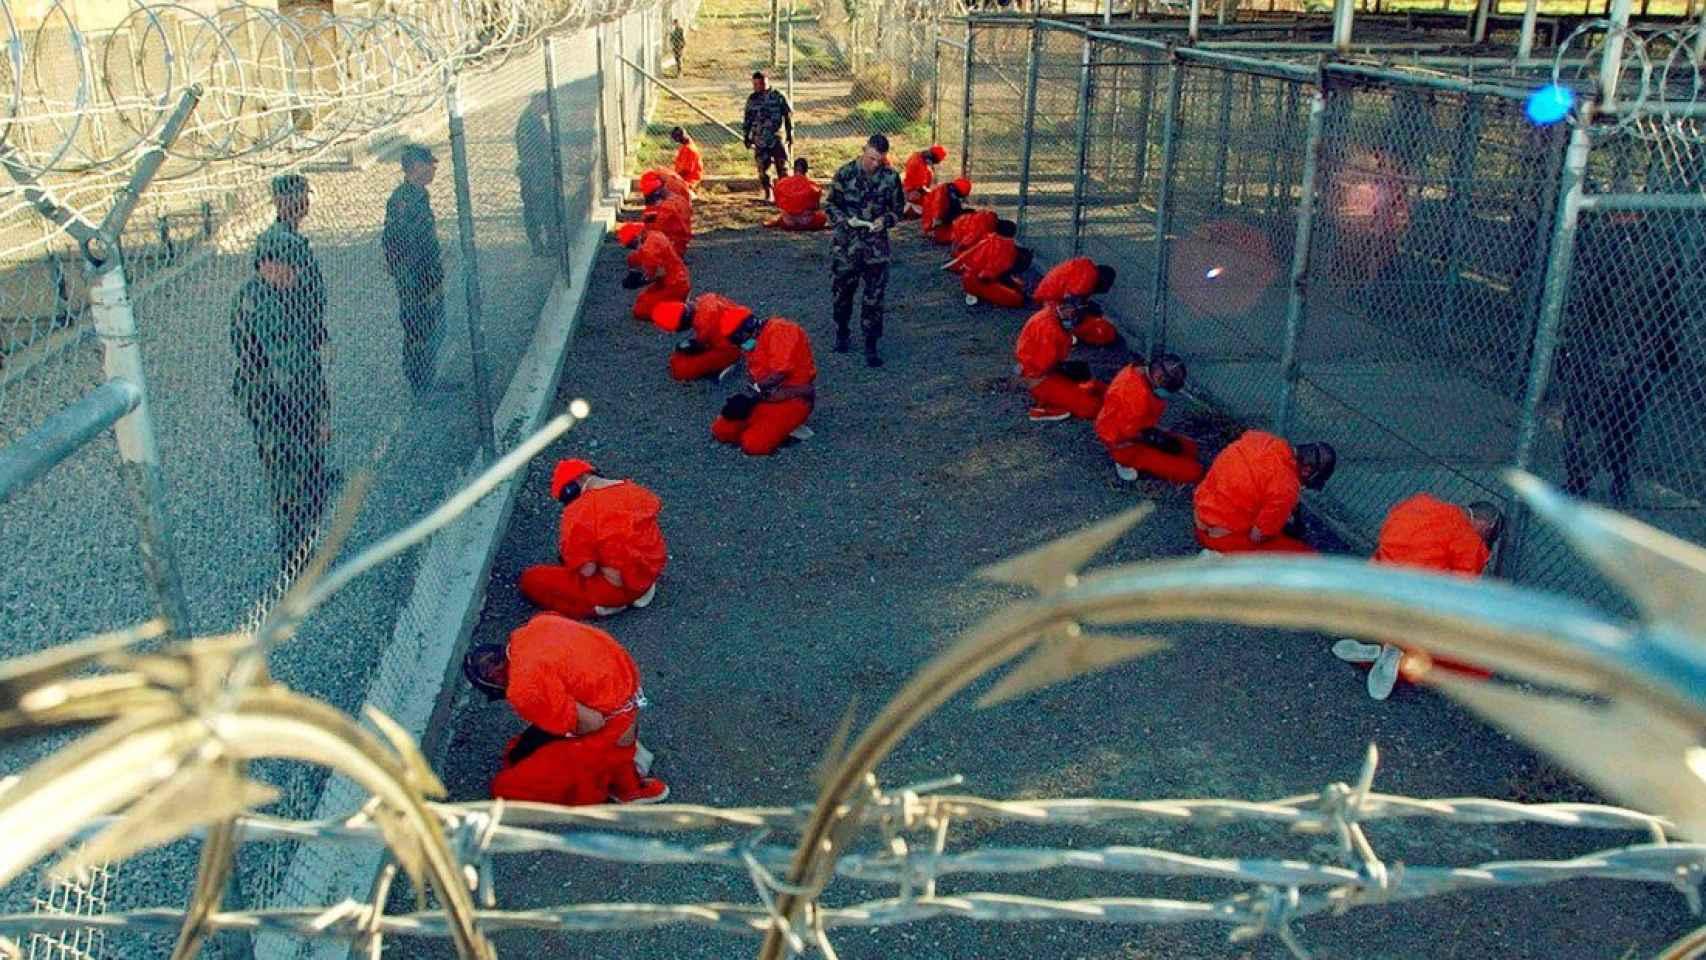 Los números de Guantánamo: ¿por qué es la cárcel más cara del mundo?